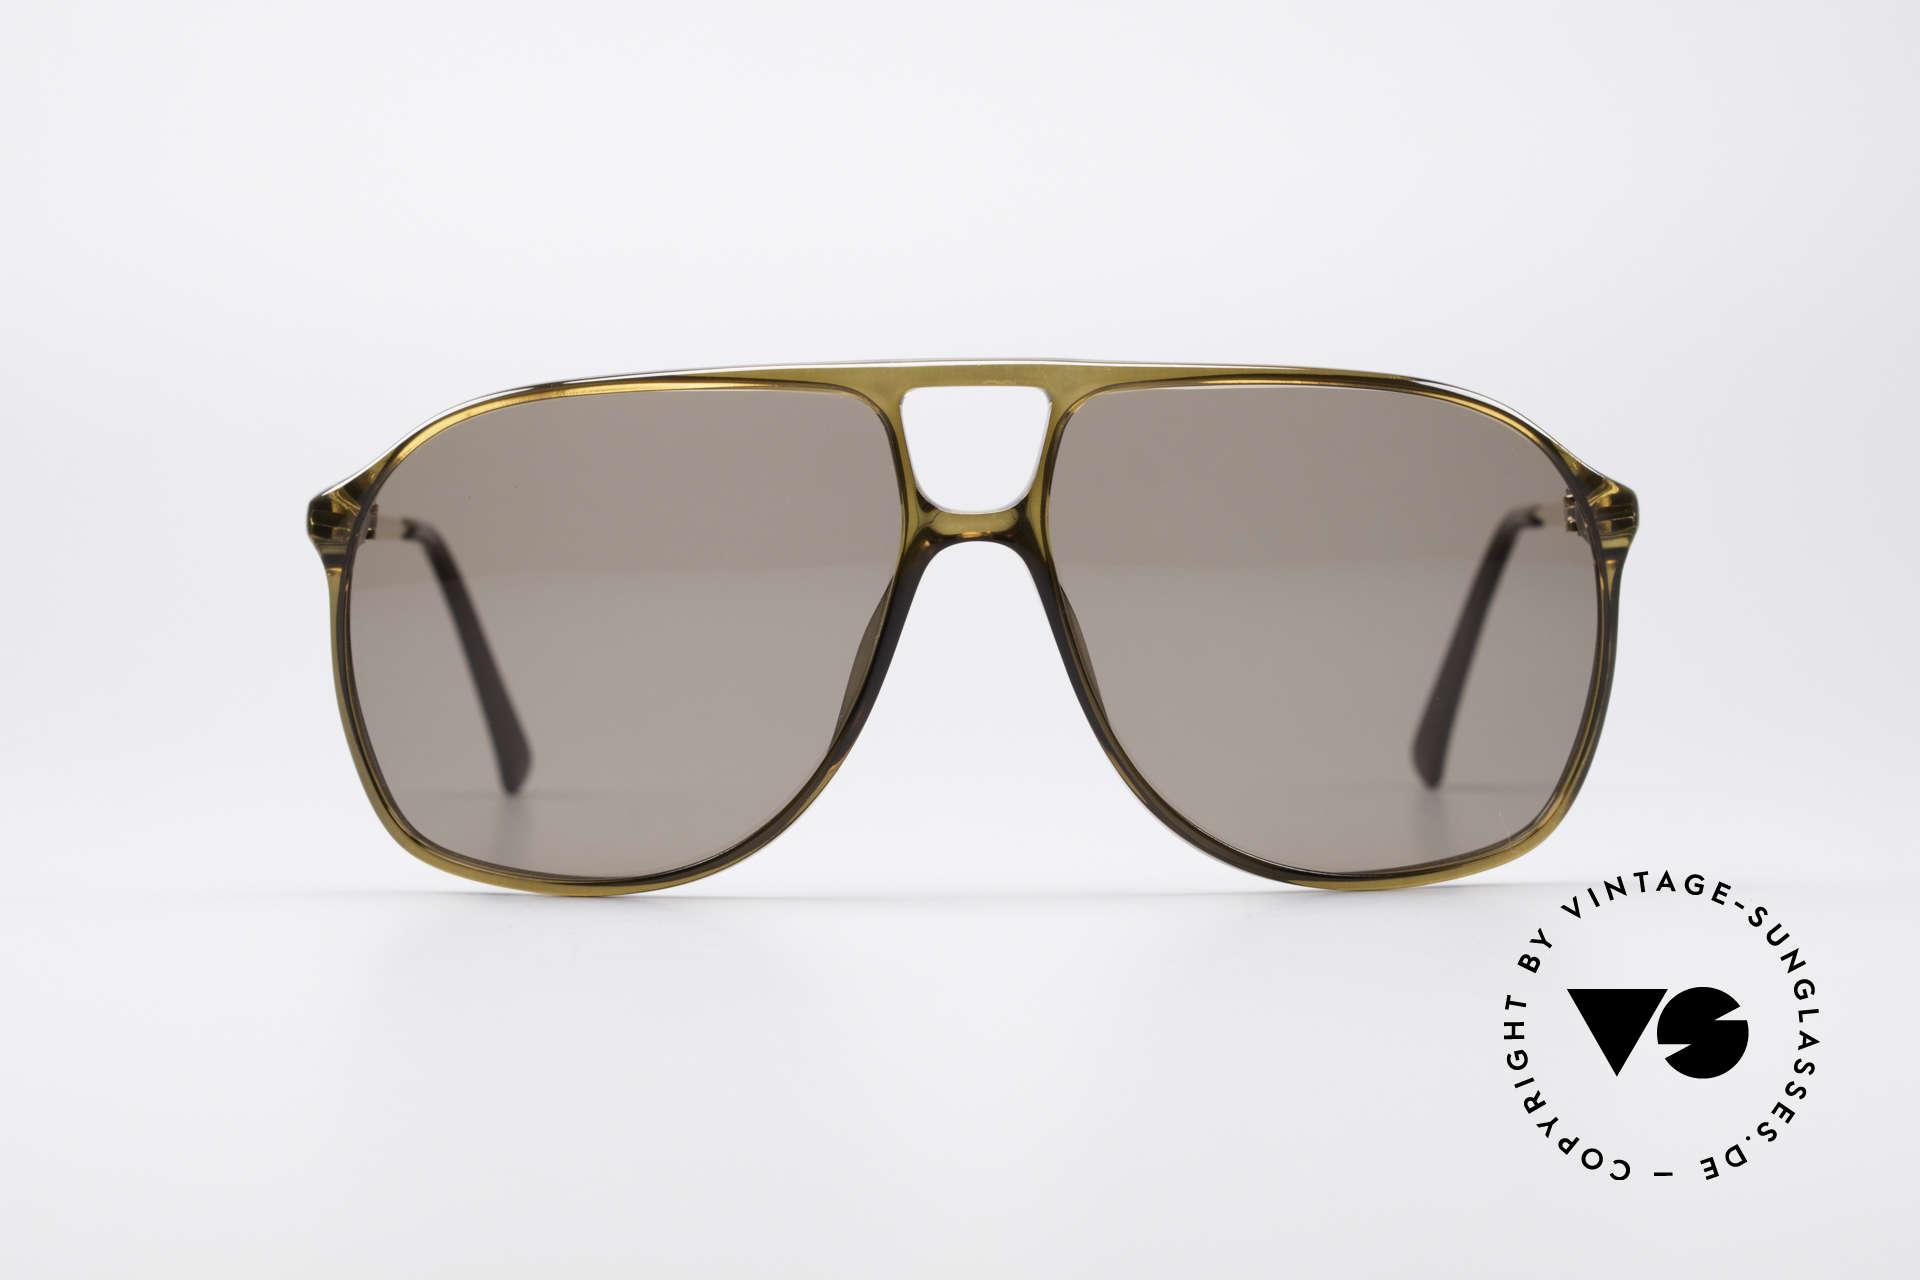 viele modisch speziell für Schuh Großhandelsverkauf Terri Brogan 8676 Kanye West Sonnenbrille